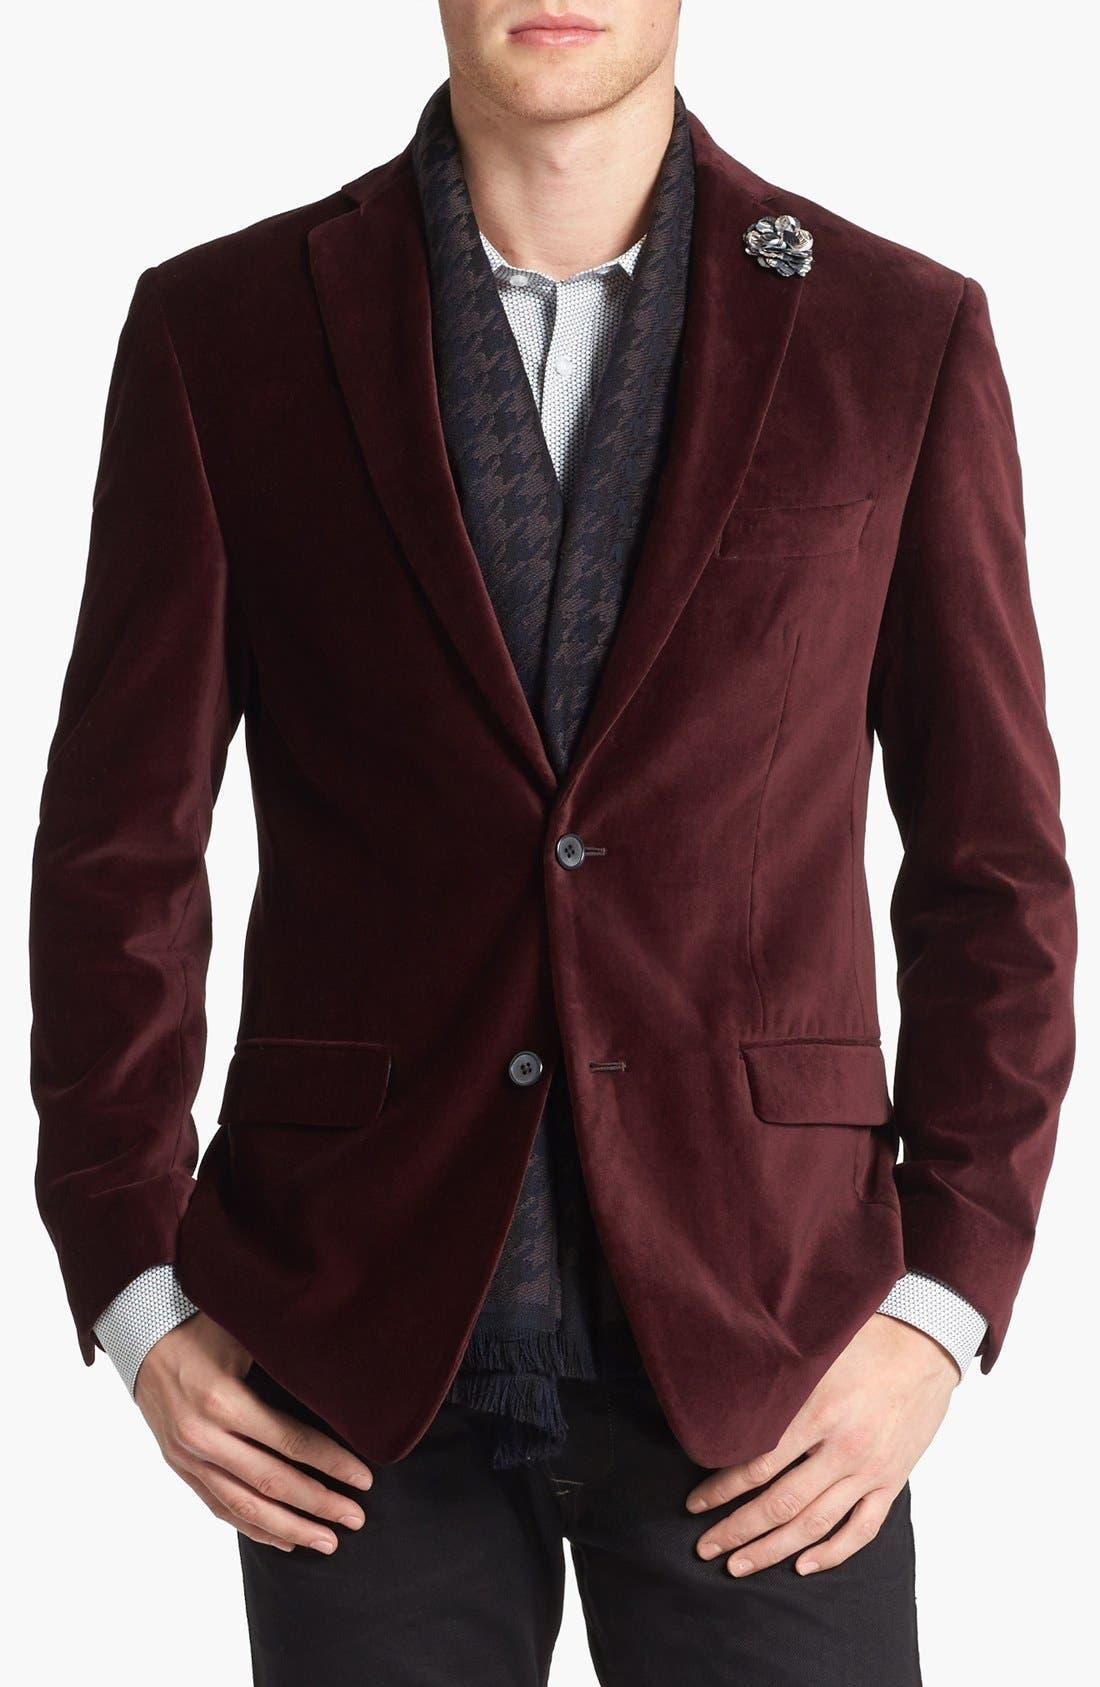 Alternate Image 1 Selected - Michael Kors Trim Fit Velvet Blazer